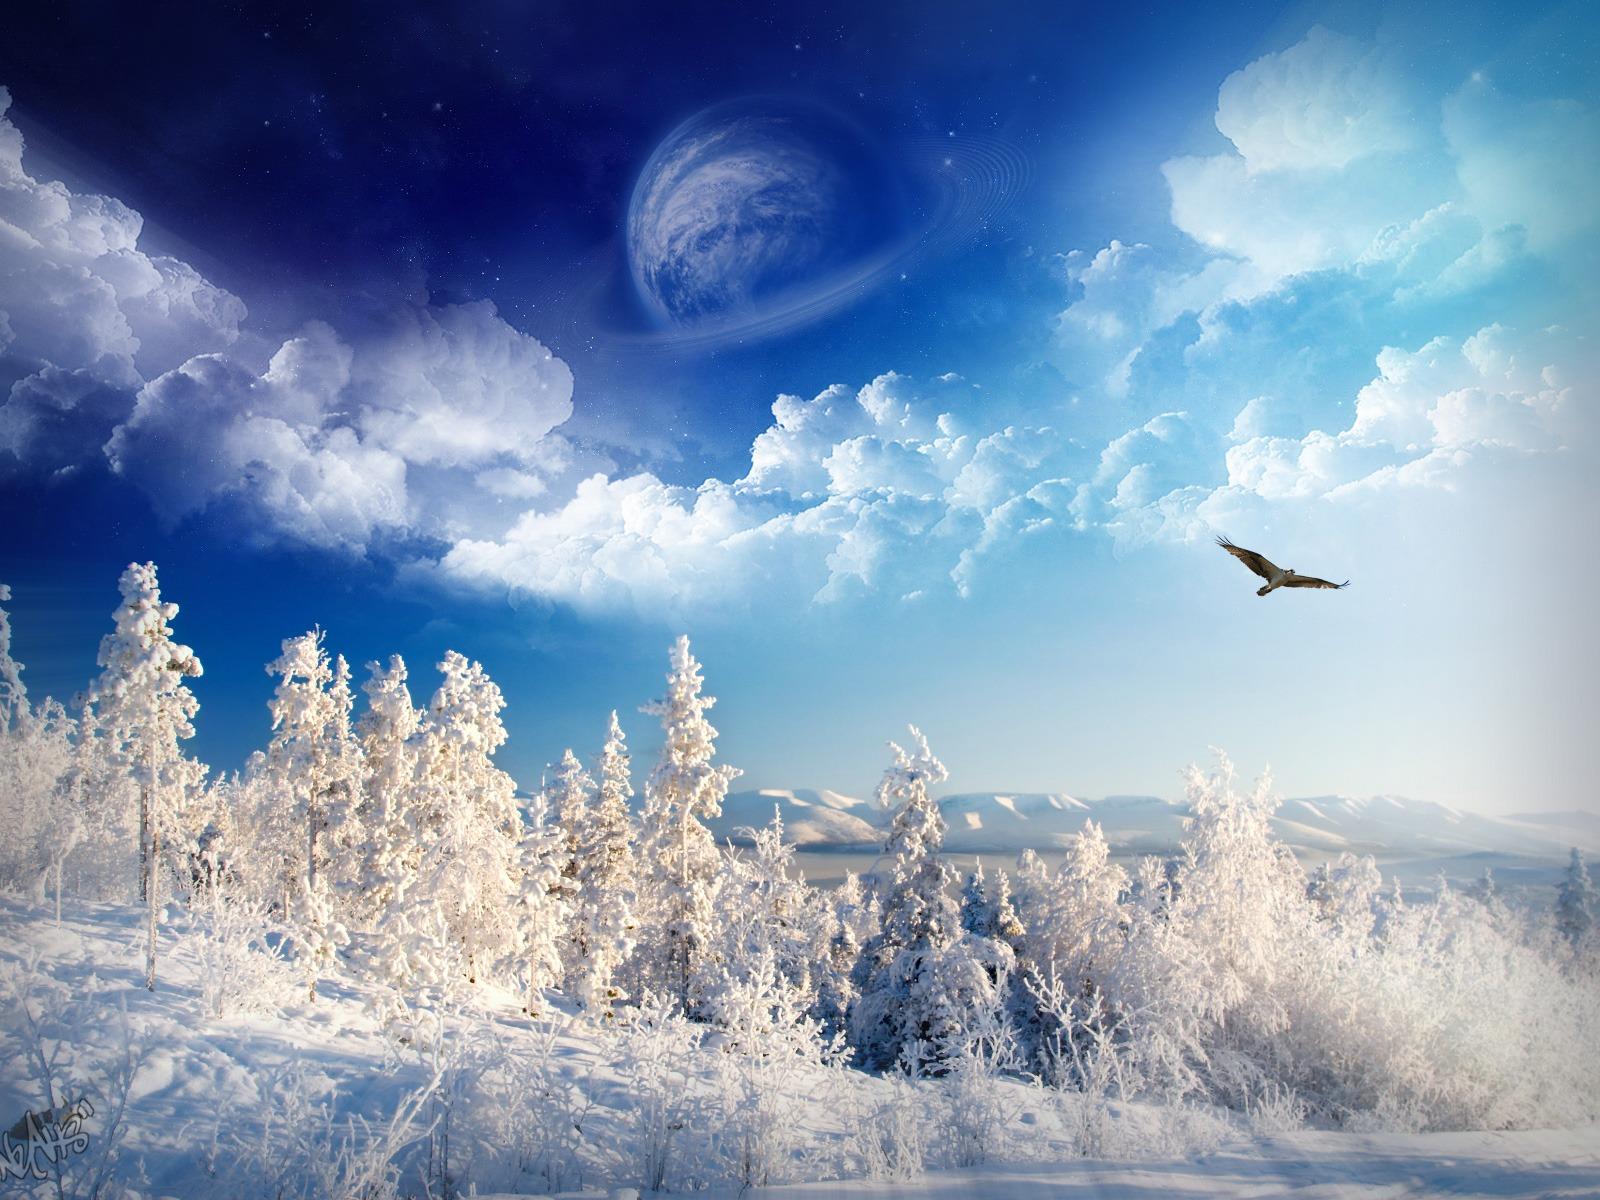 http://3.bp.blogspot.com/-6xLfNT8jluI/Toa_PVX-BfI/AAAAAAAAAKo/PpA0vzXHvMA/s1600/wallpaper_nature_winter+3.jpg